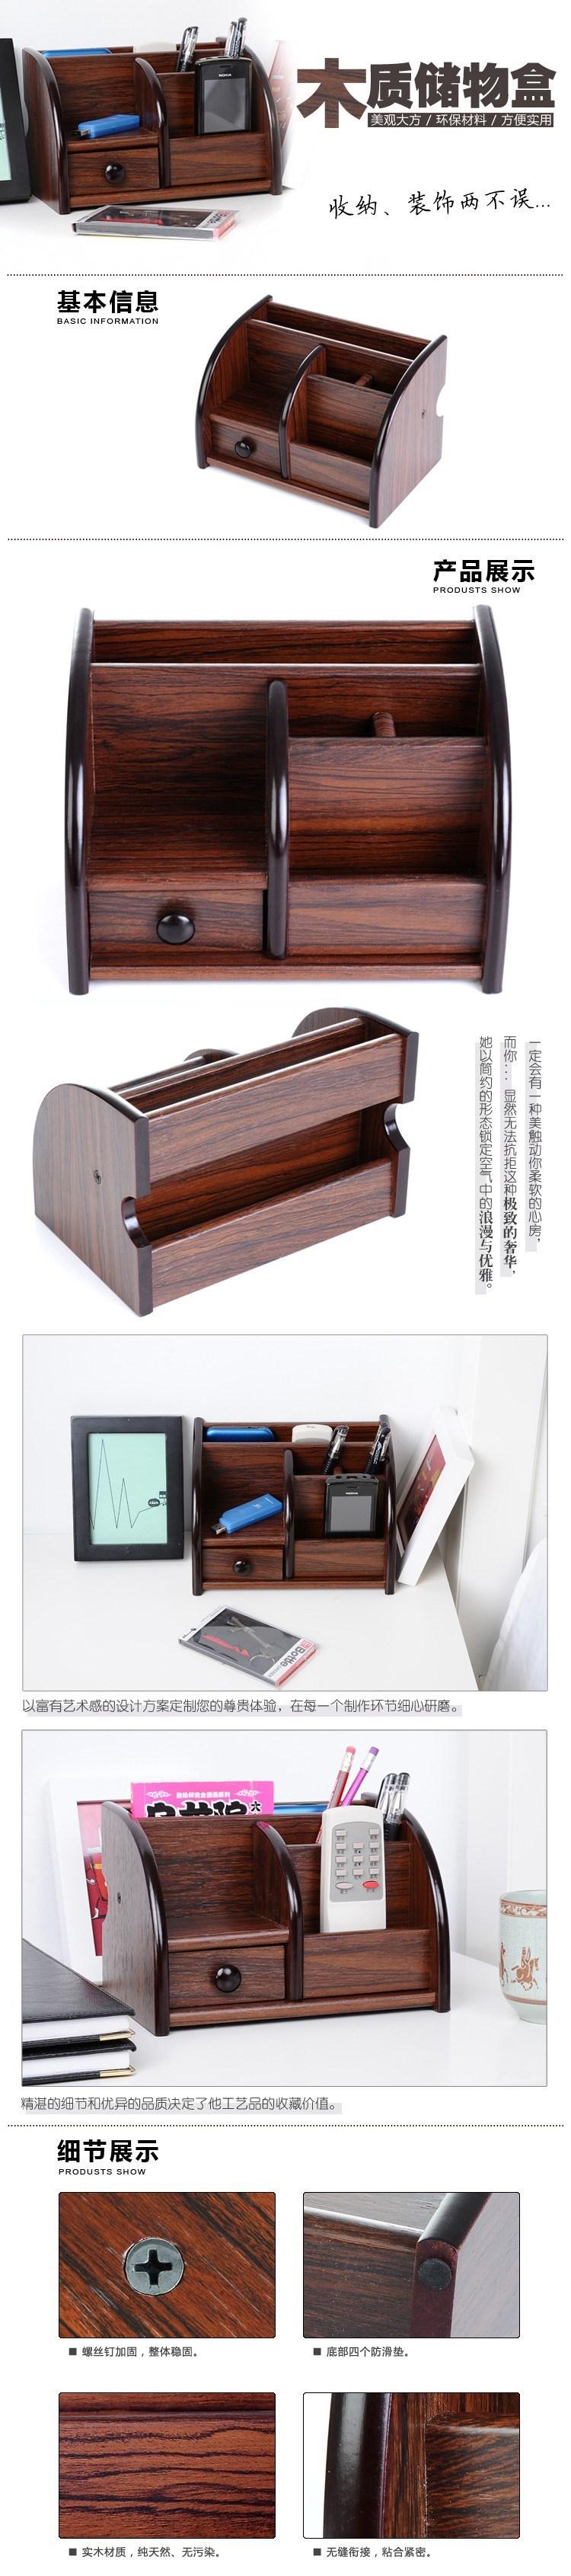 домашний офис стол аксессуары деревянные ручка держатель / щетка горшок / карандаш Ваза небольшой ящик с ящиком